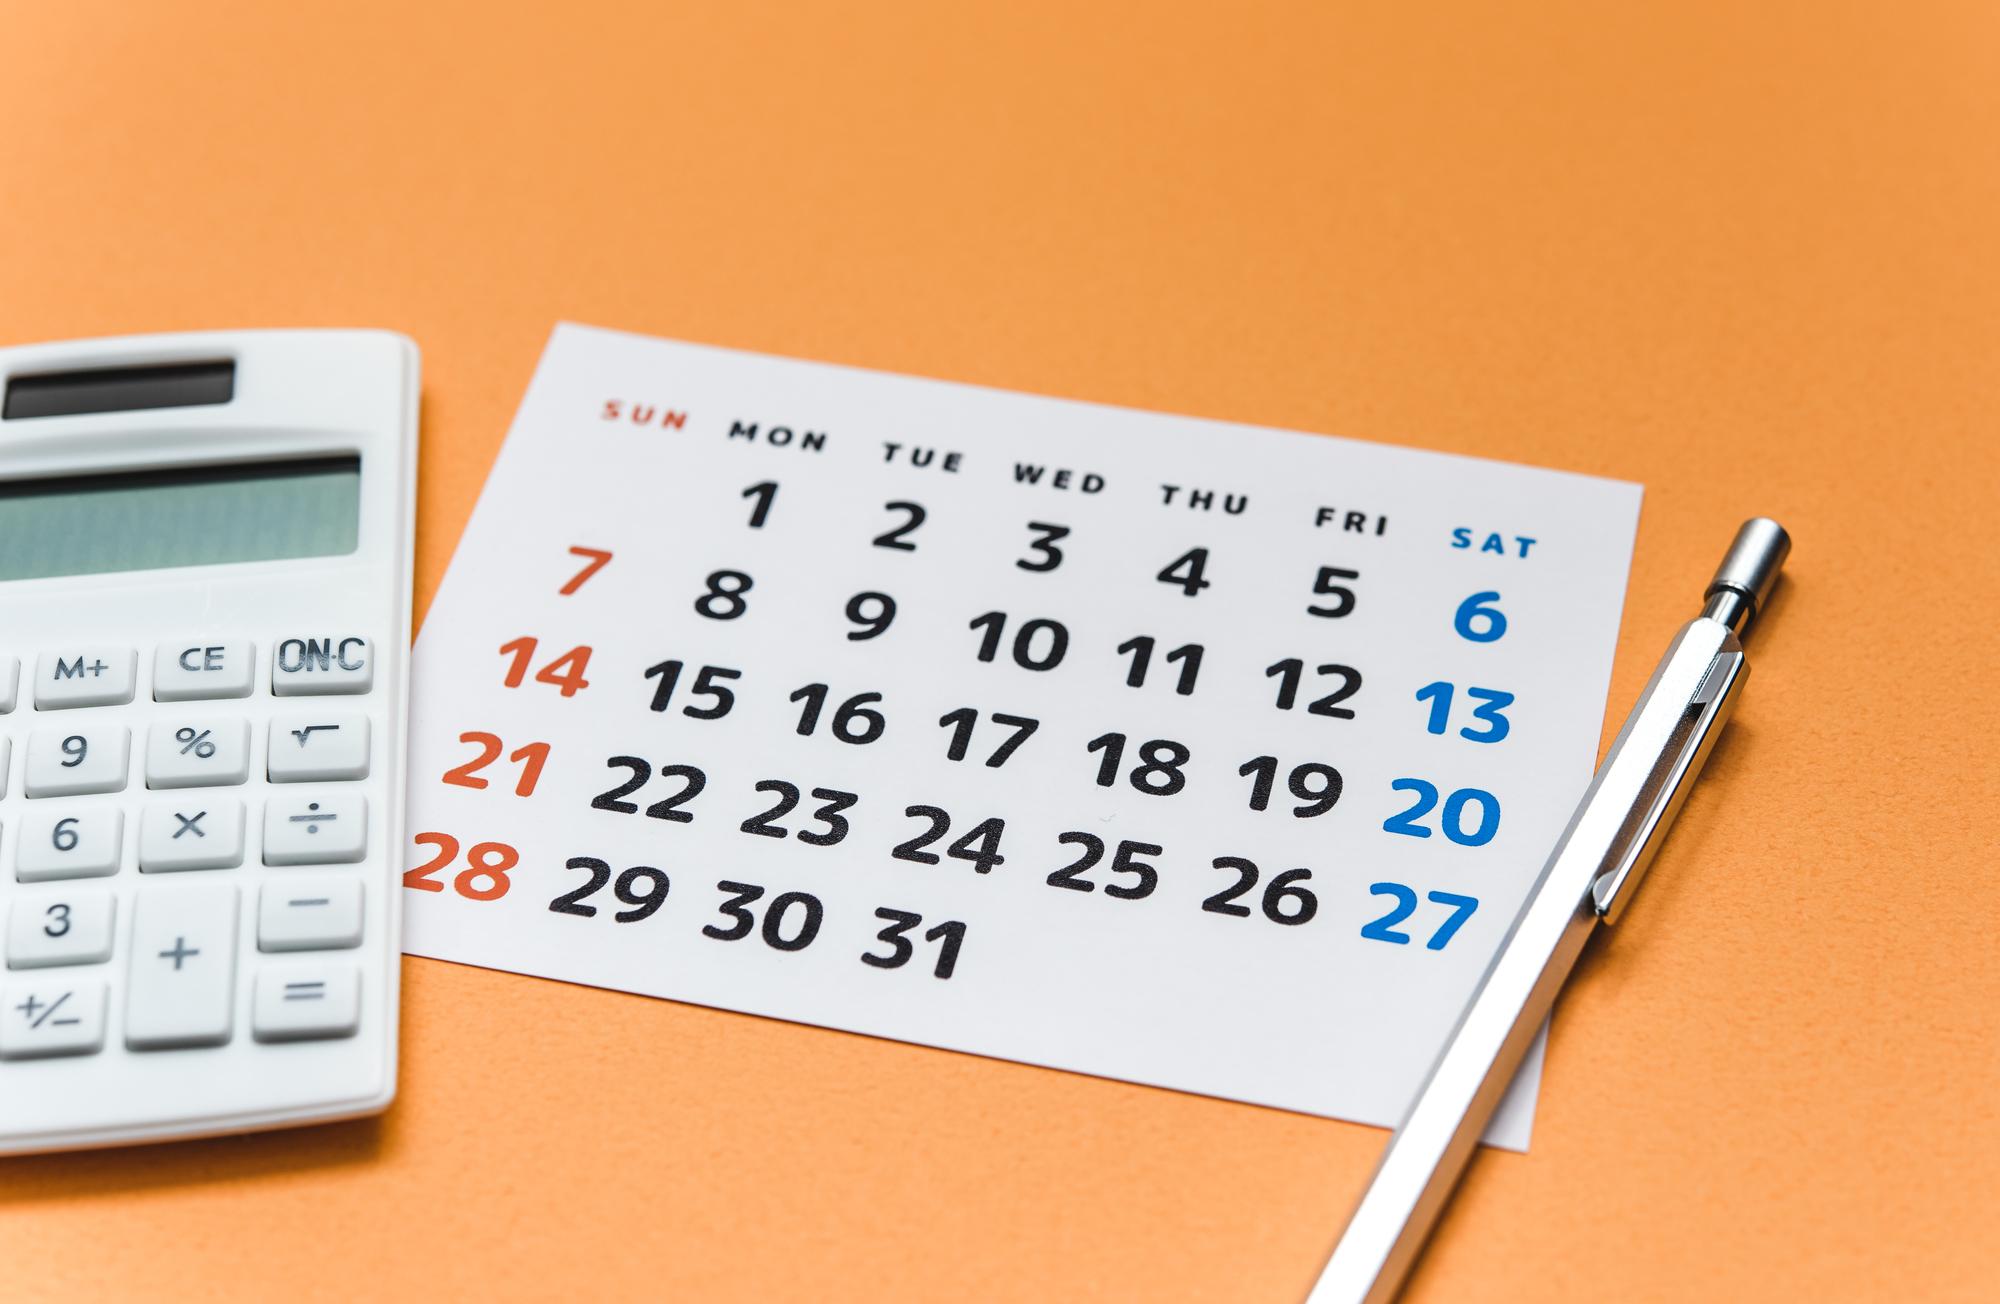 カレンダーと電卓のイメージ